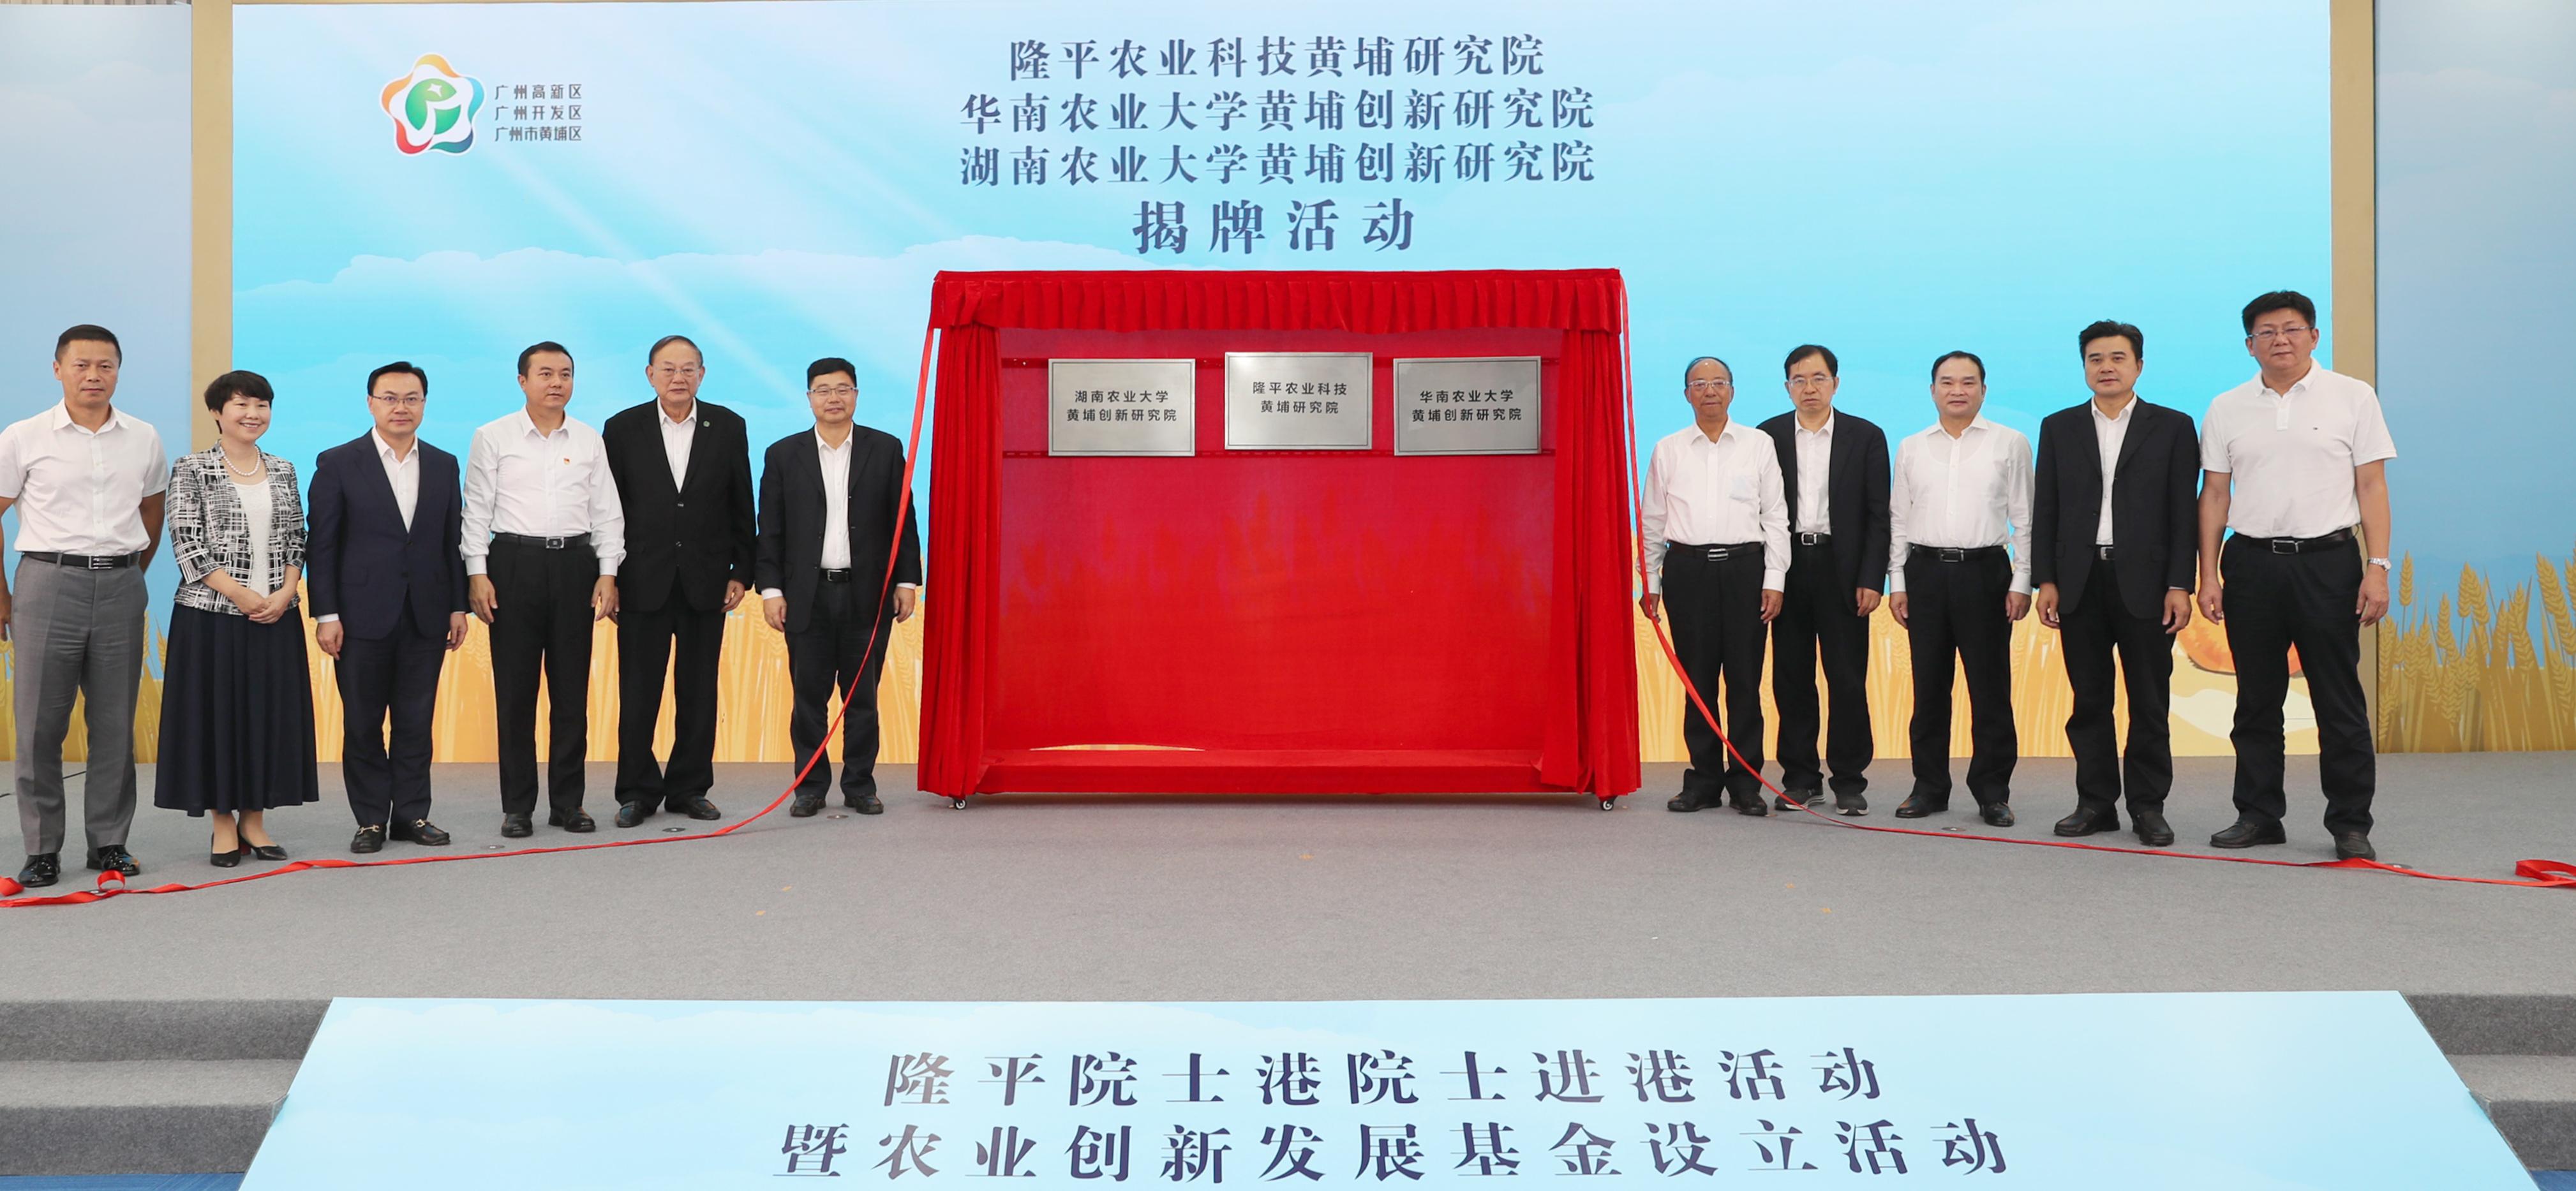 三大研究院揭牌,隆平院士港打造农业科技研发高地。李剑锋 摄